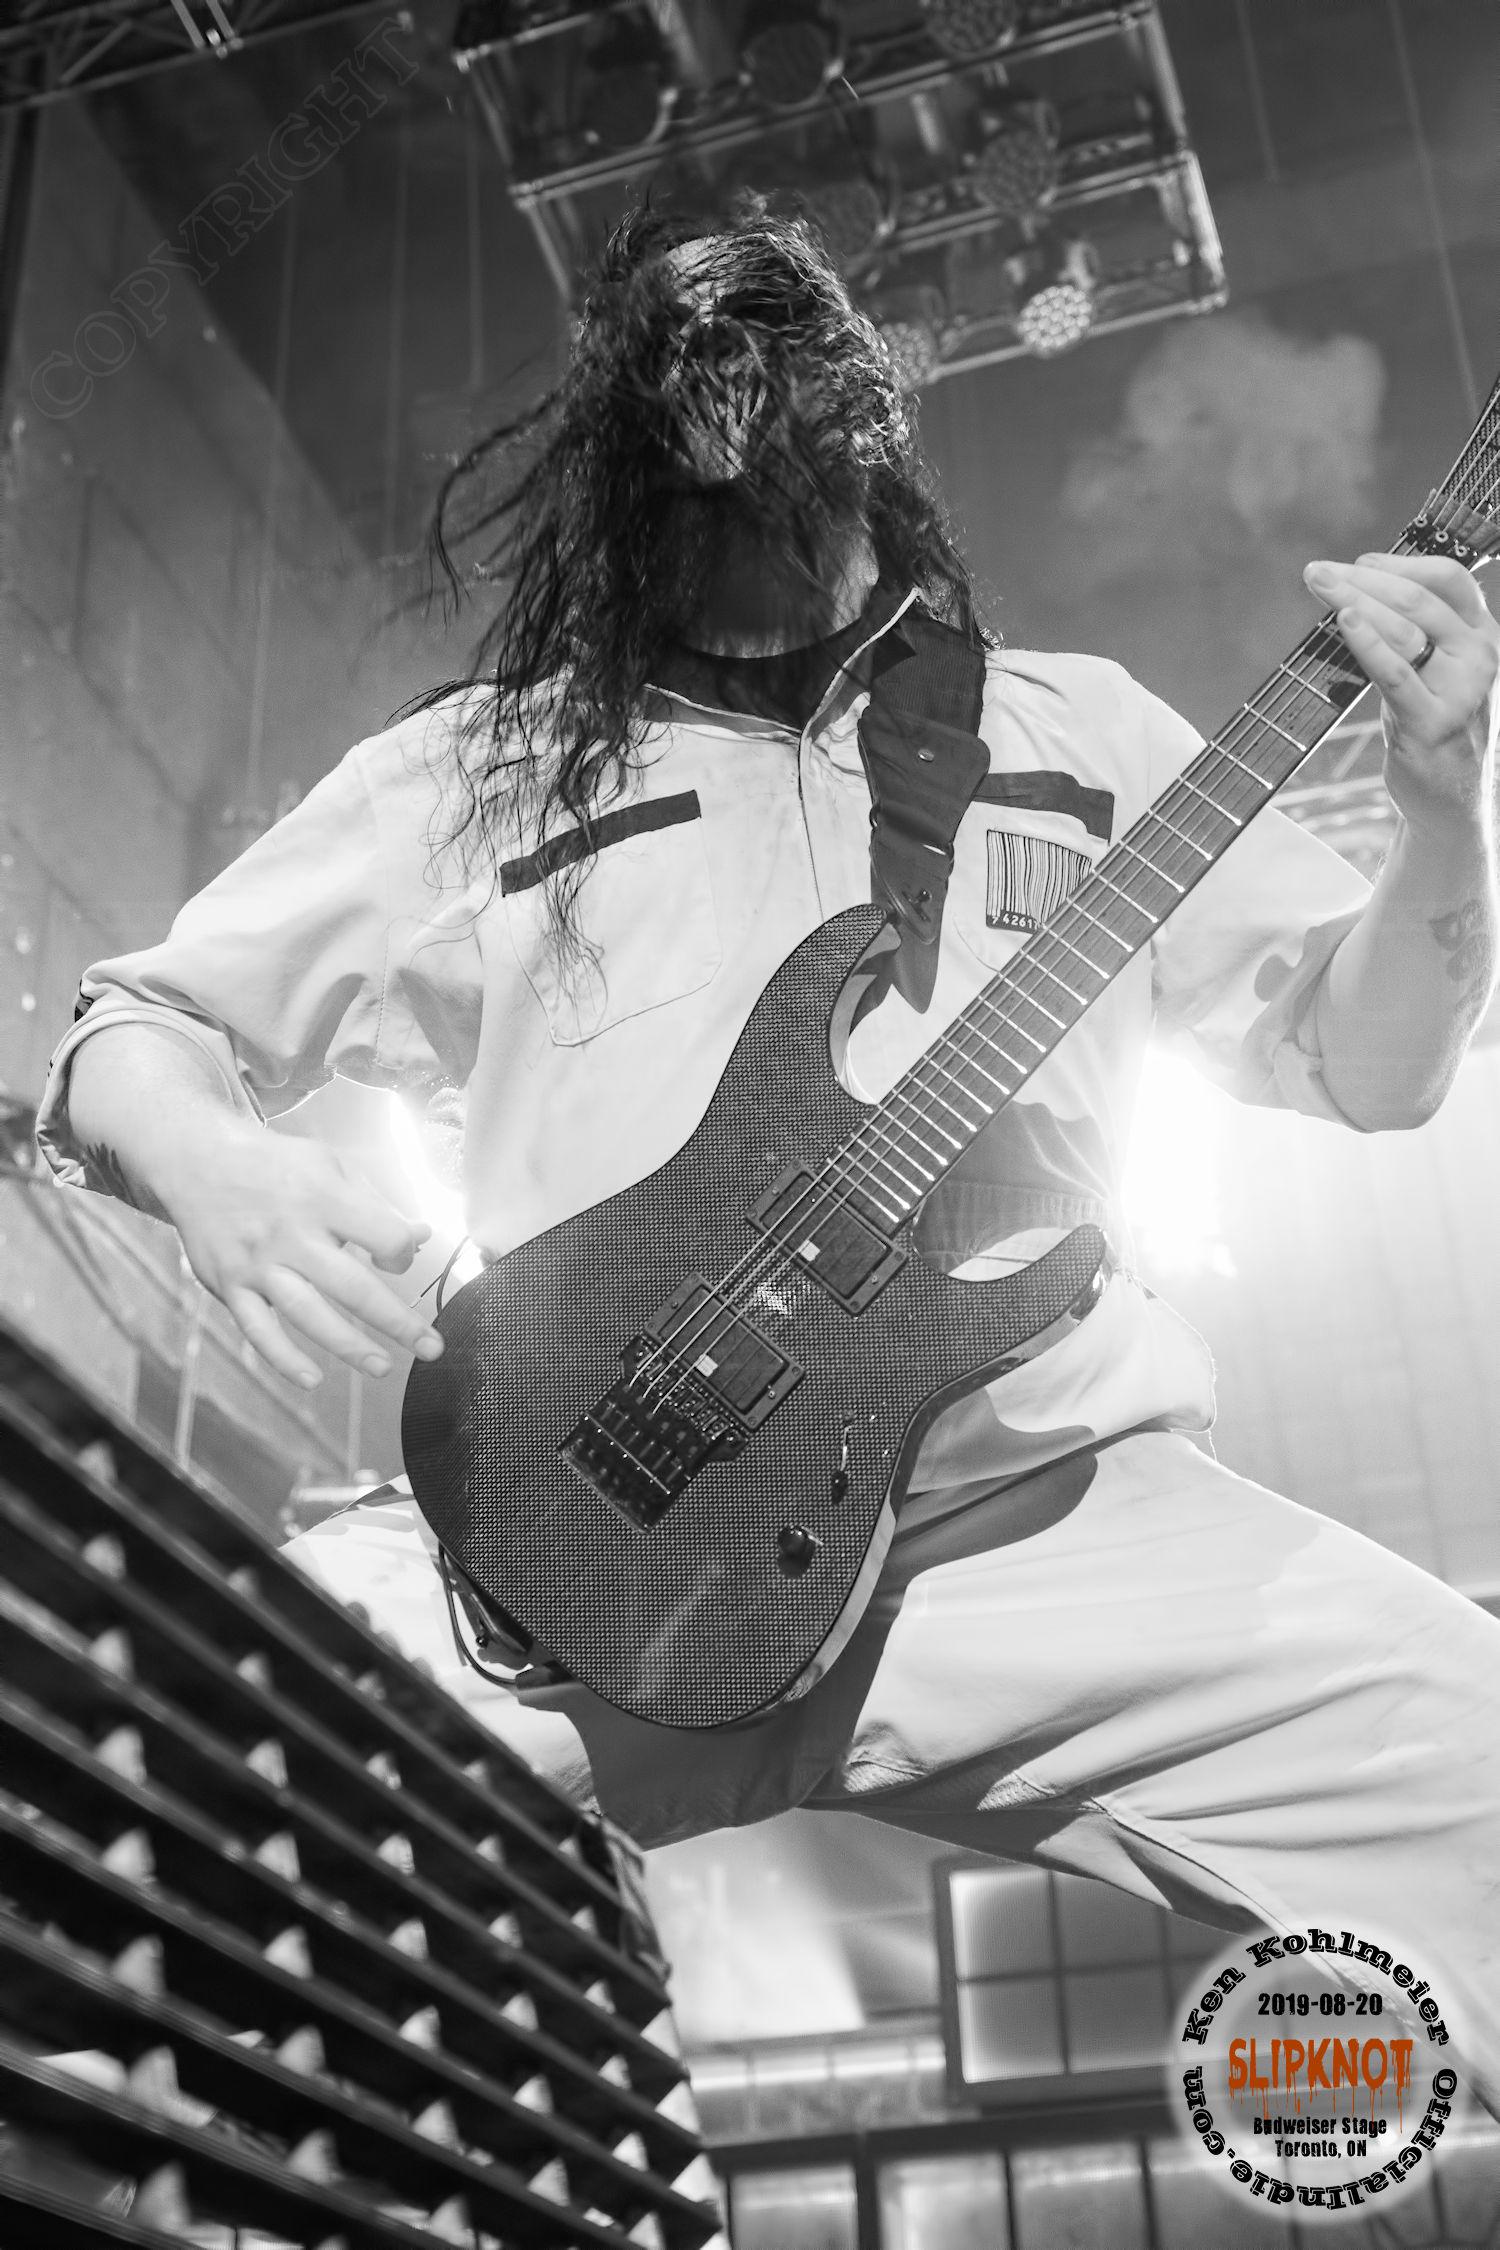 Slipknot014